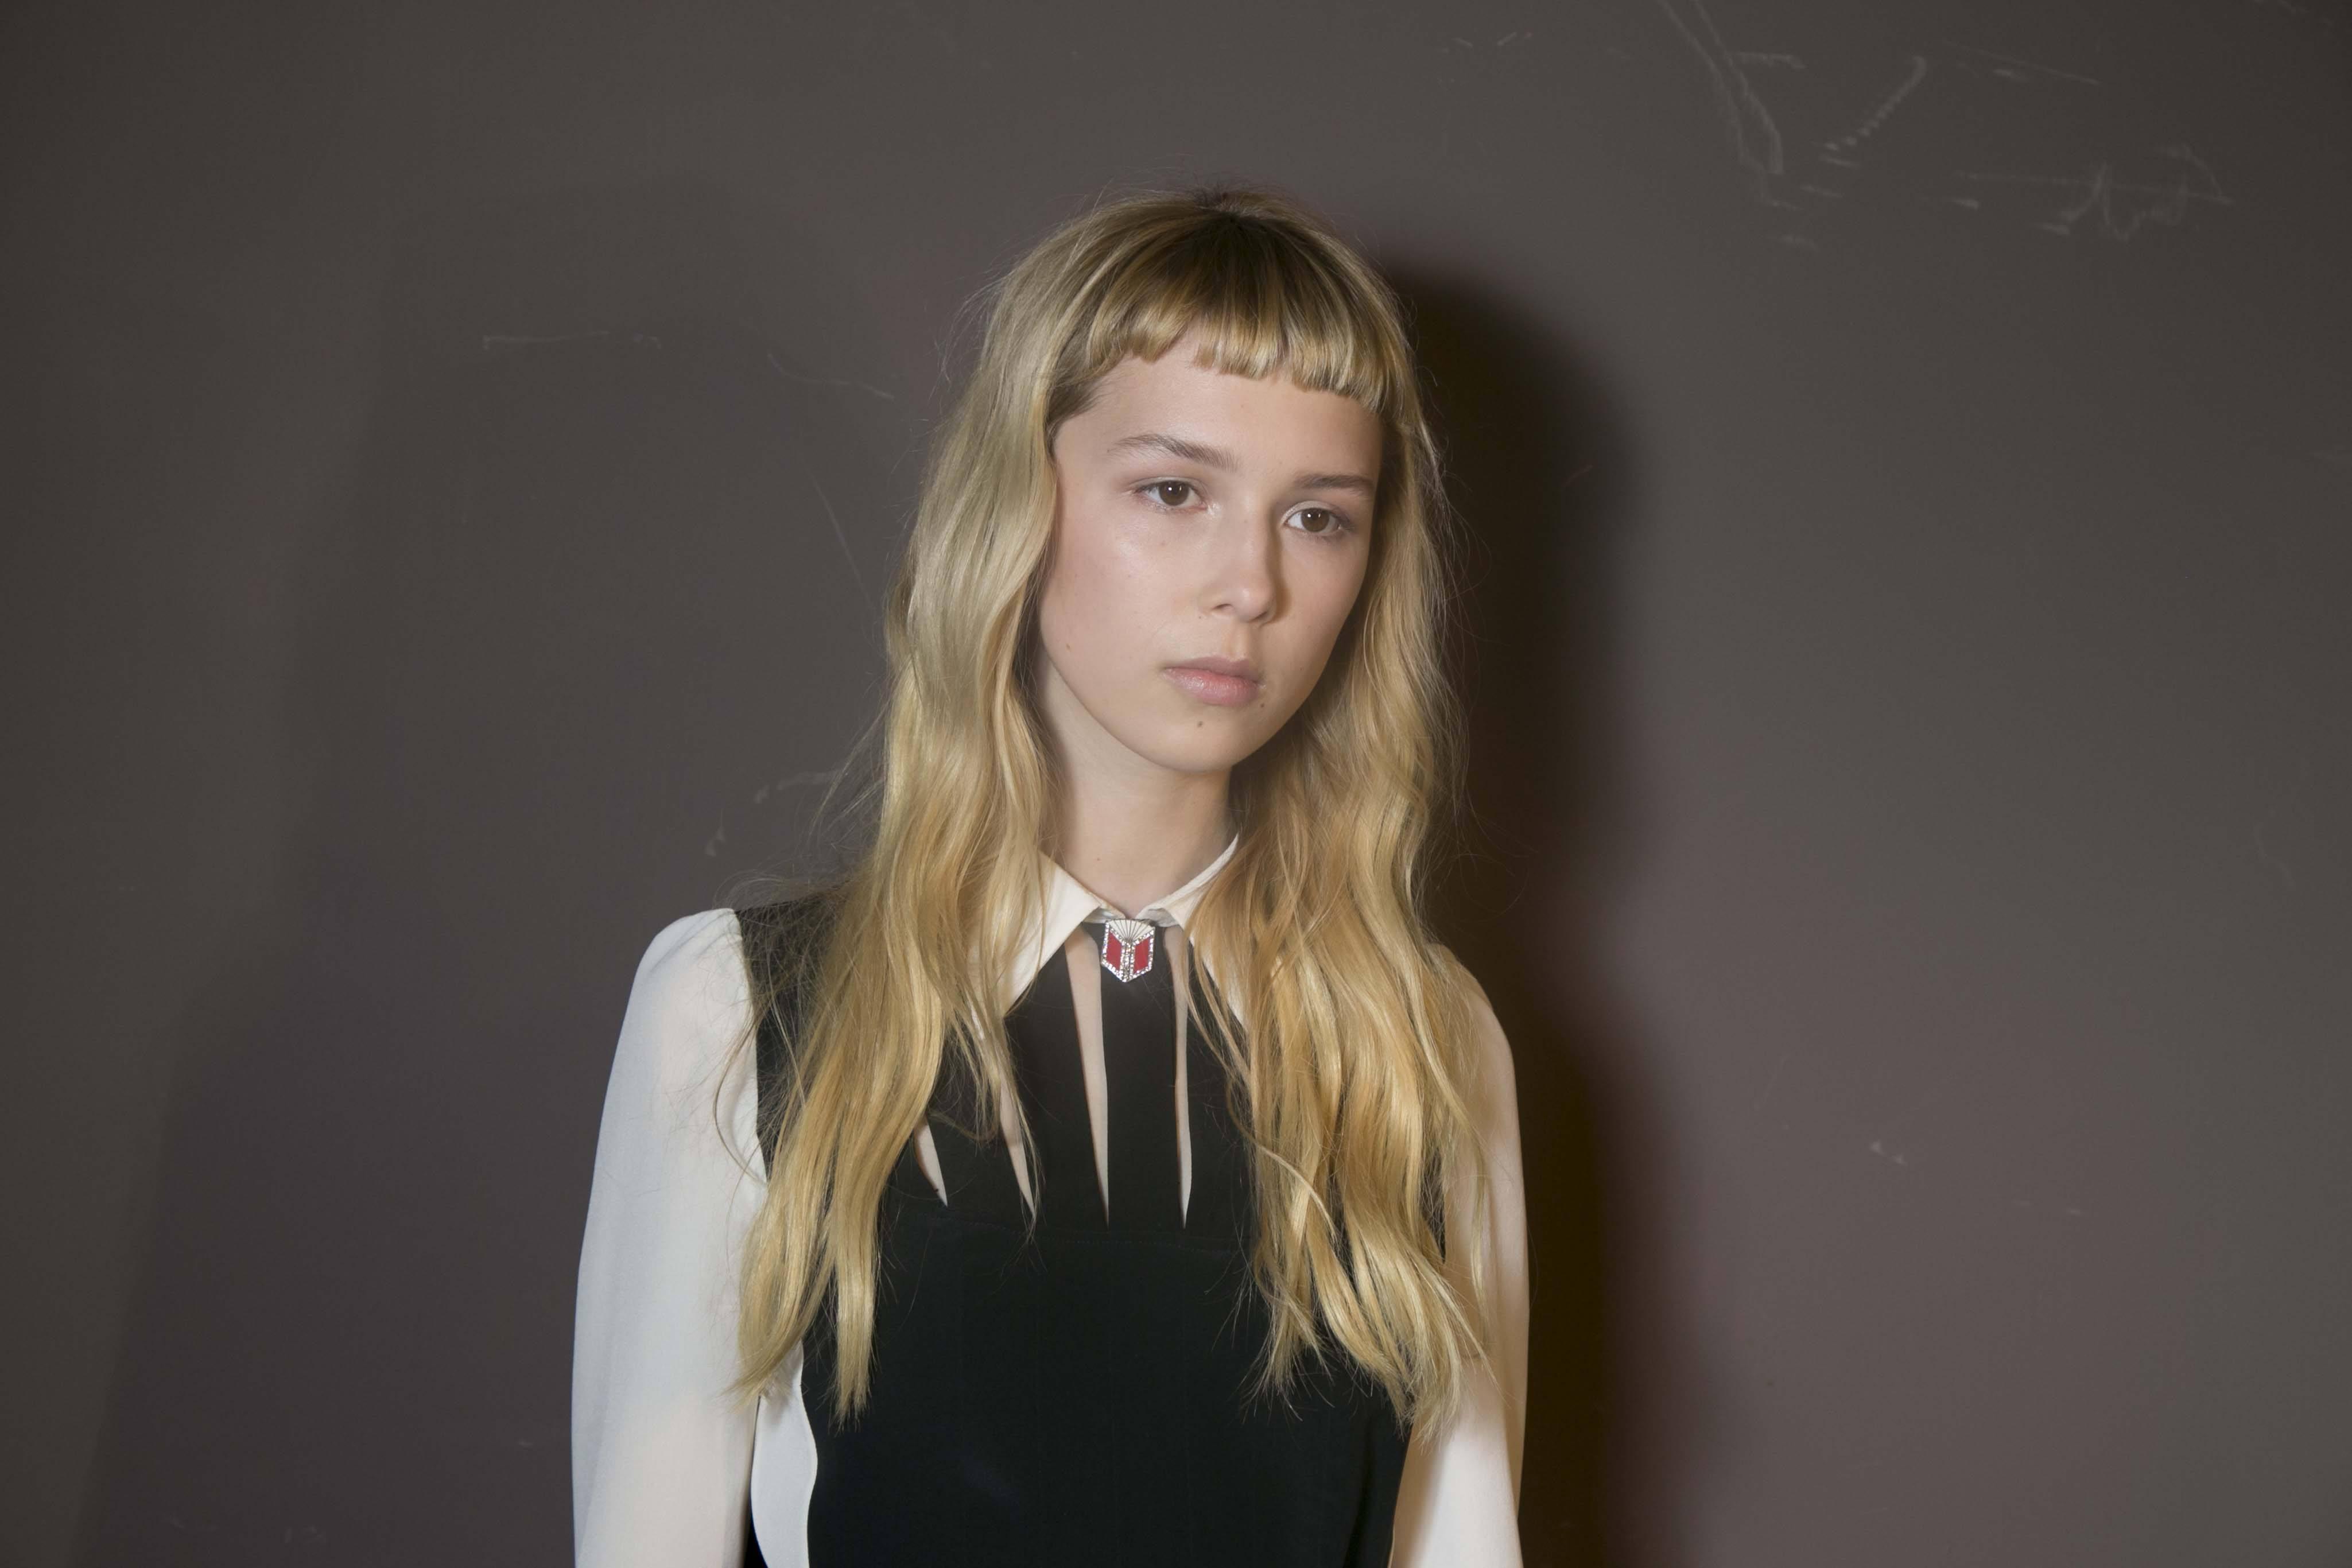 Frange courte: Femme aux longs cheveux blonds ondulés avec une micro frange courte portant une chemise blanche.